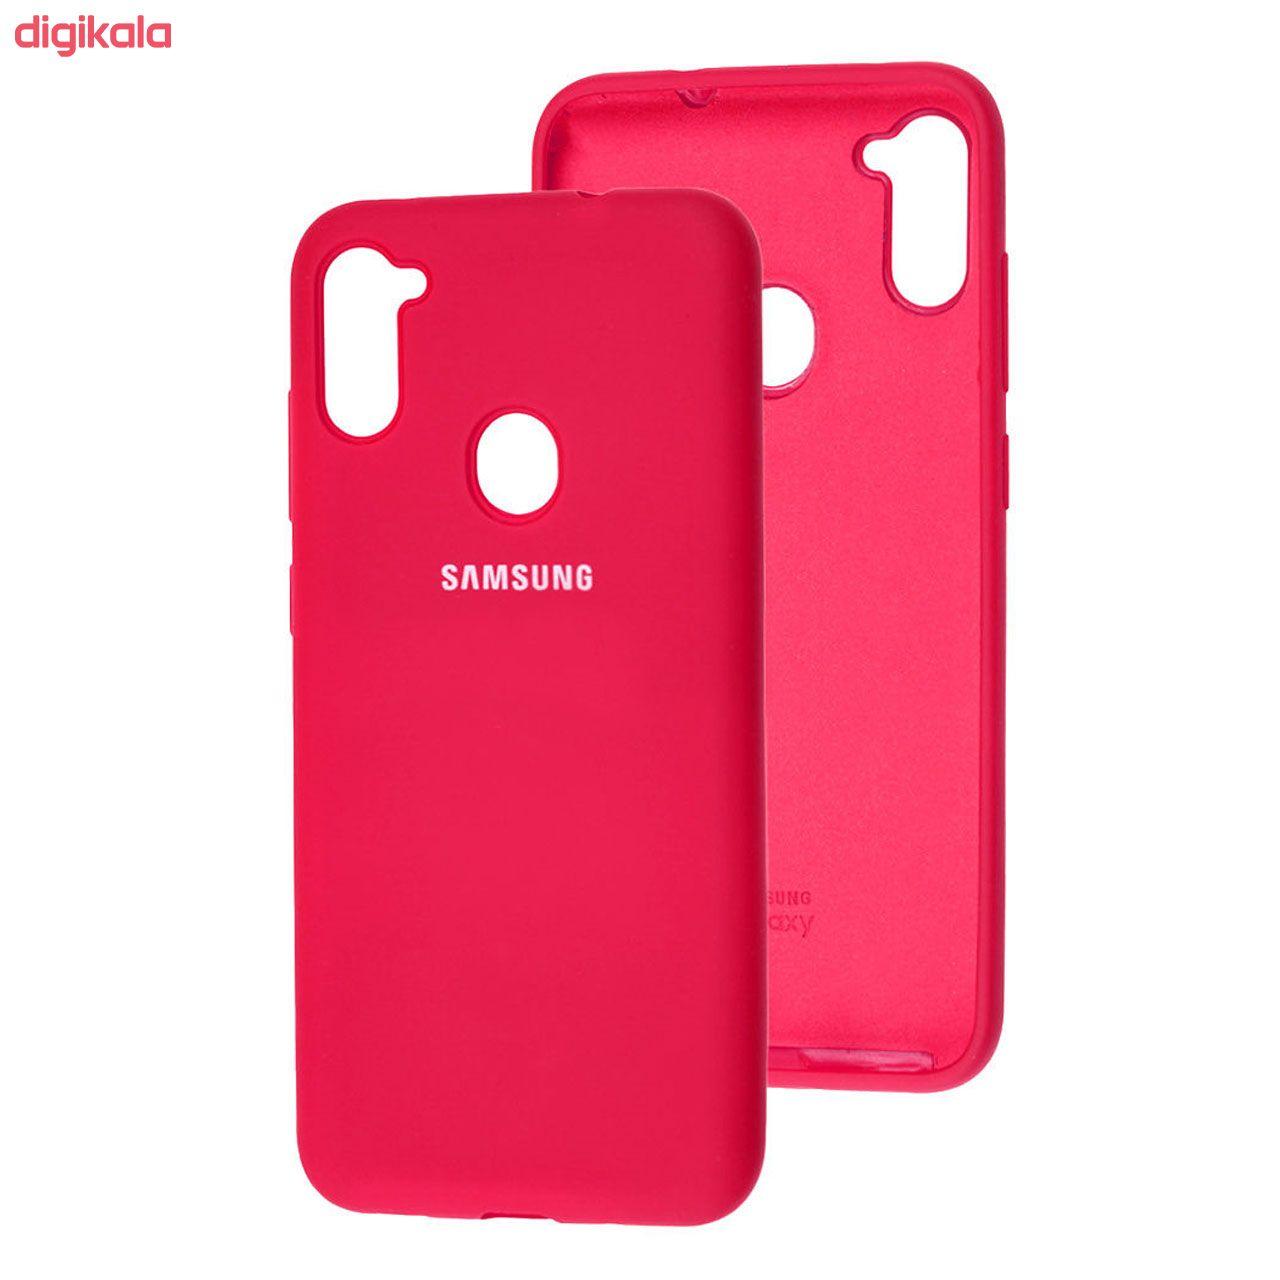 کاور مدل SLCN مناسب برای گوشی موبایل سامسونگ Galaxy A11 main 1 10